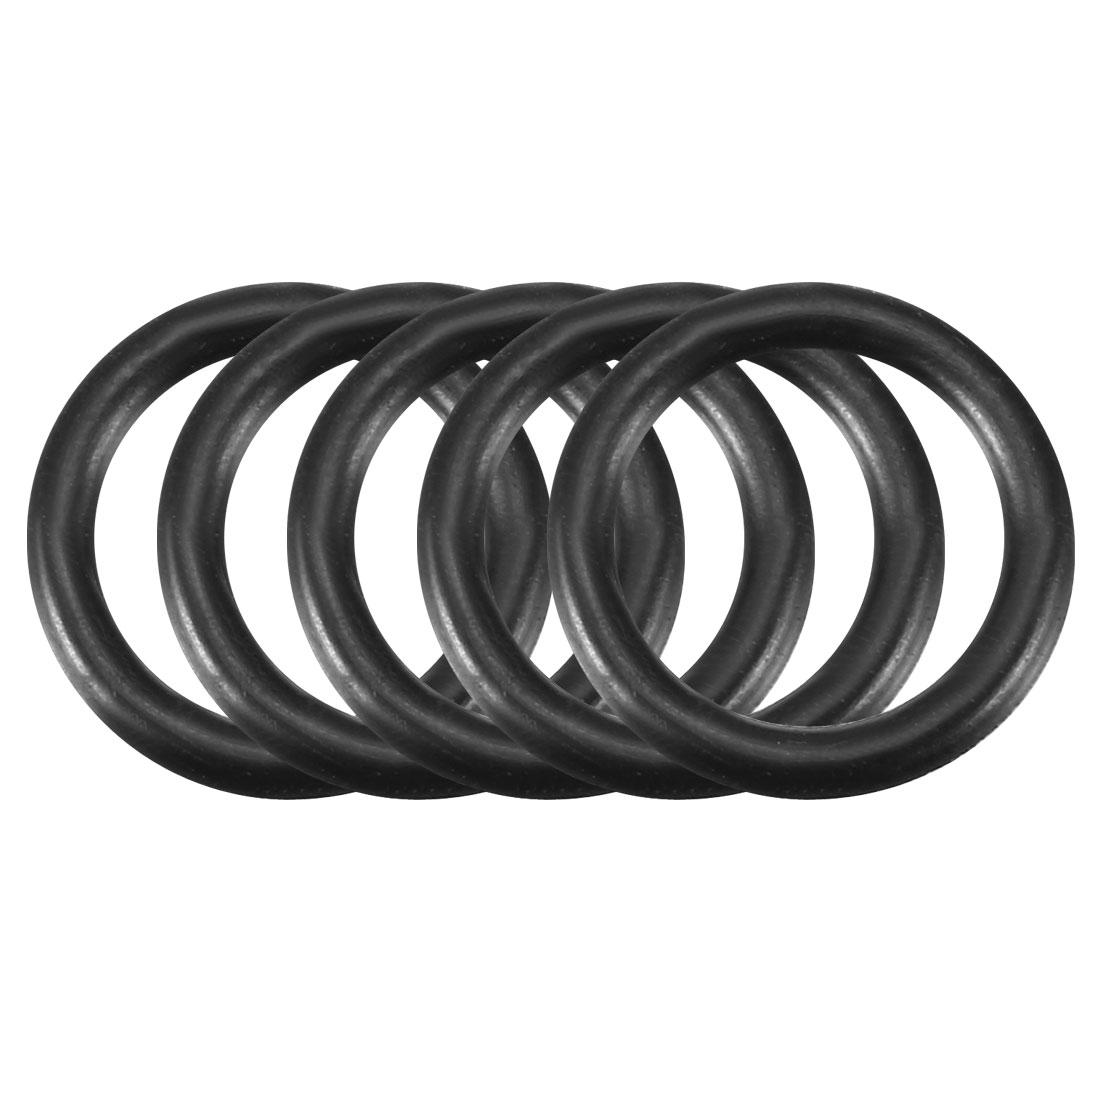 5pcs Black Nitrile Butadiene Rubber NBR O-Ring 9.25mm Inner Dia 1.78mm Width